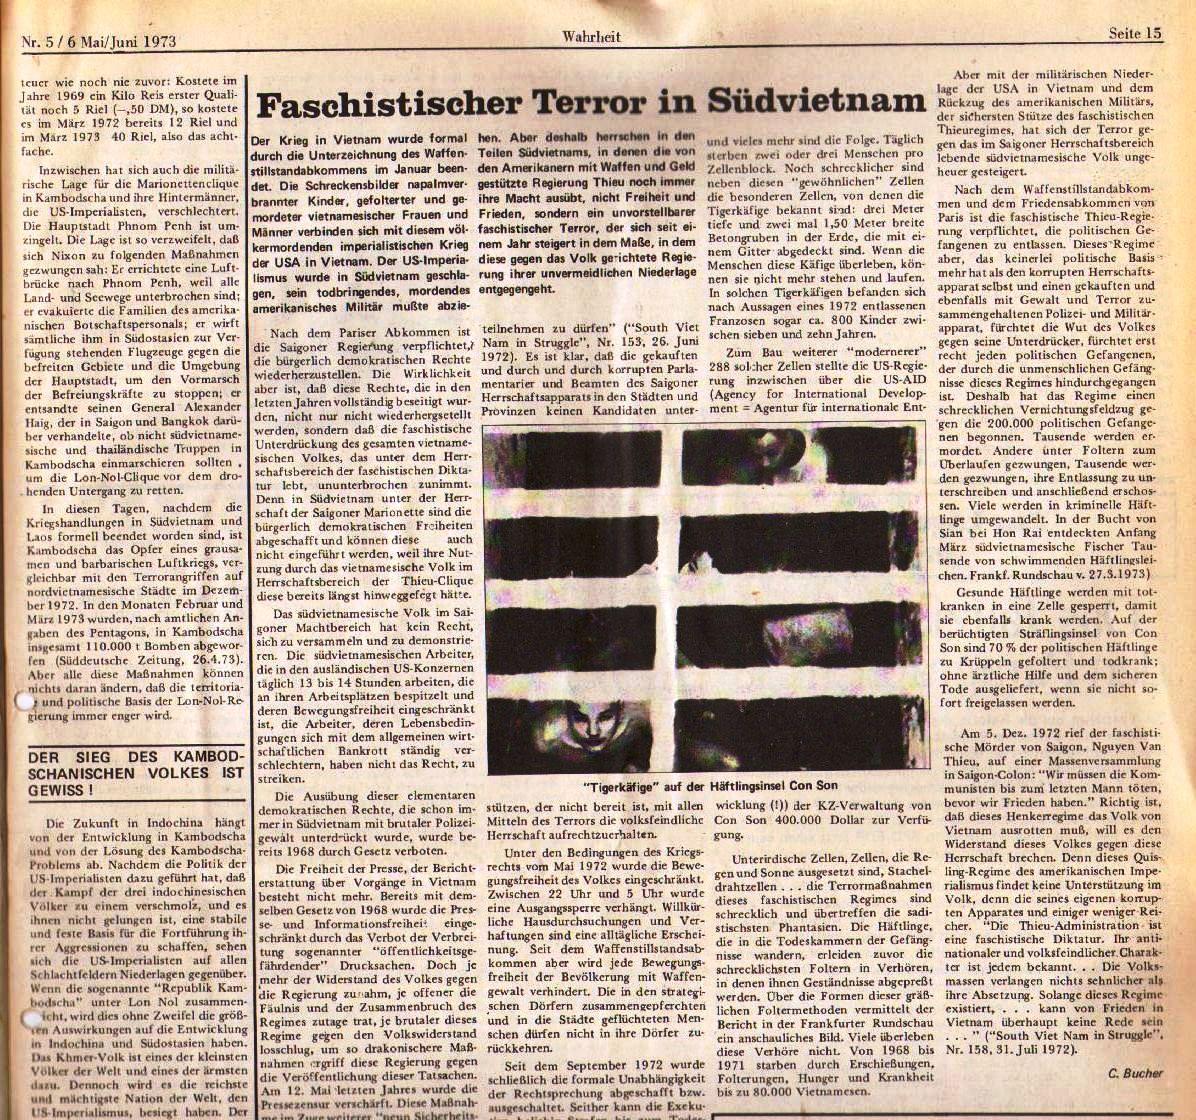 Wahrheit_1973_05_37